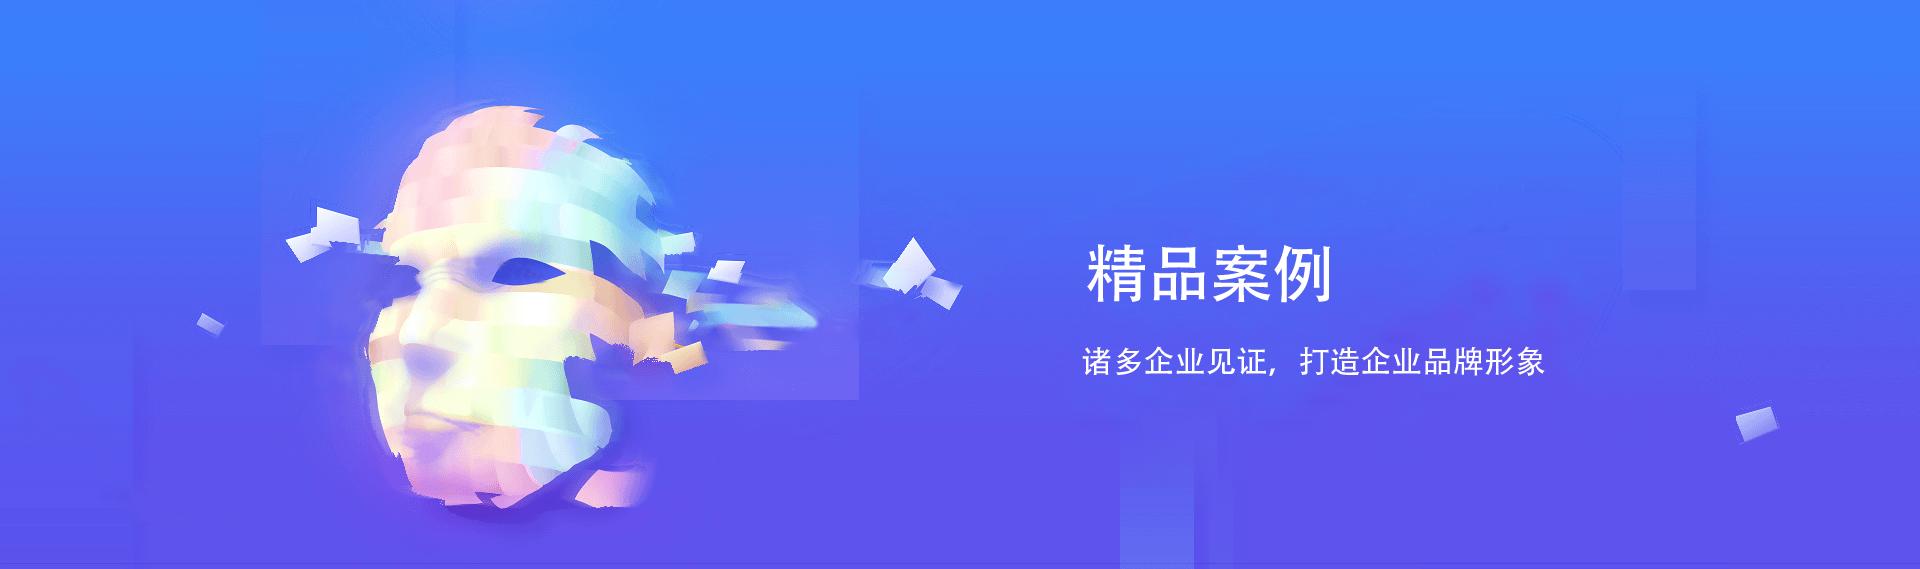 精品案例banner